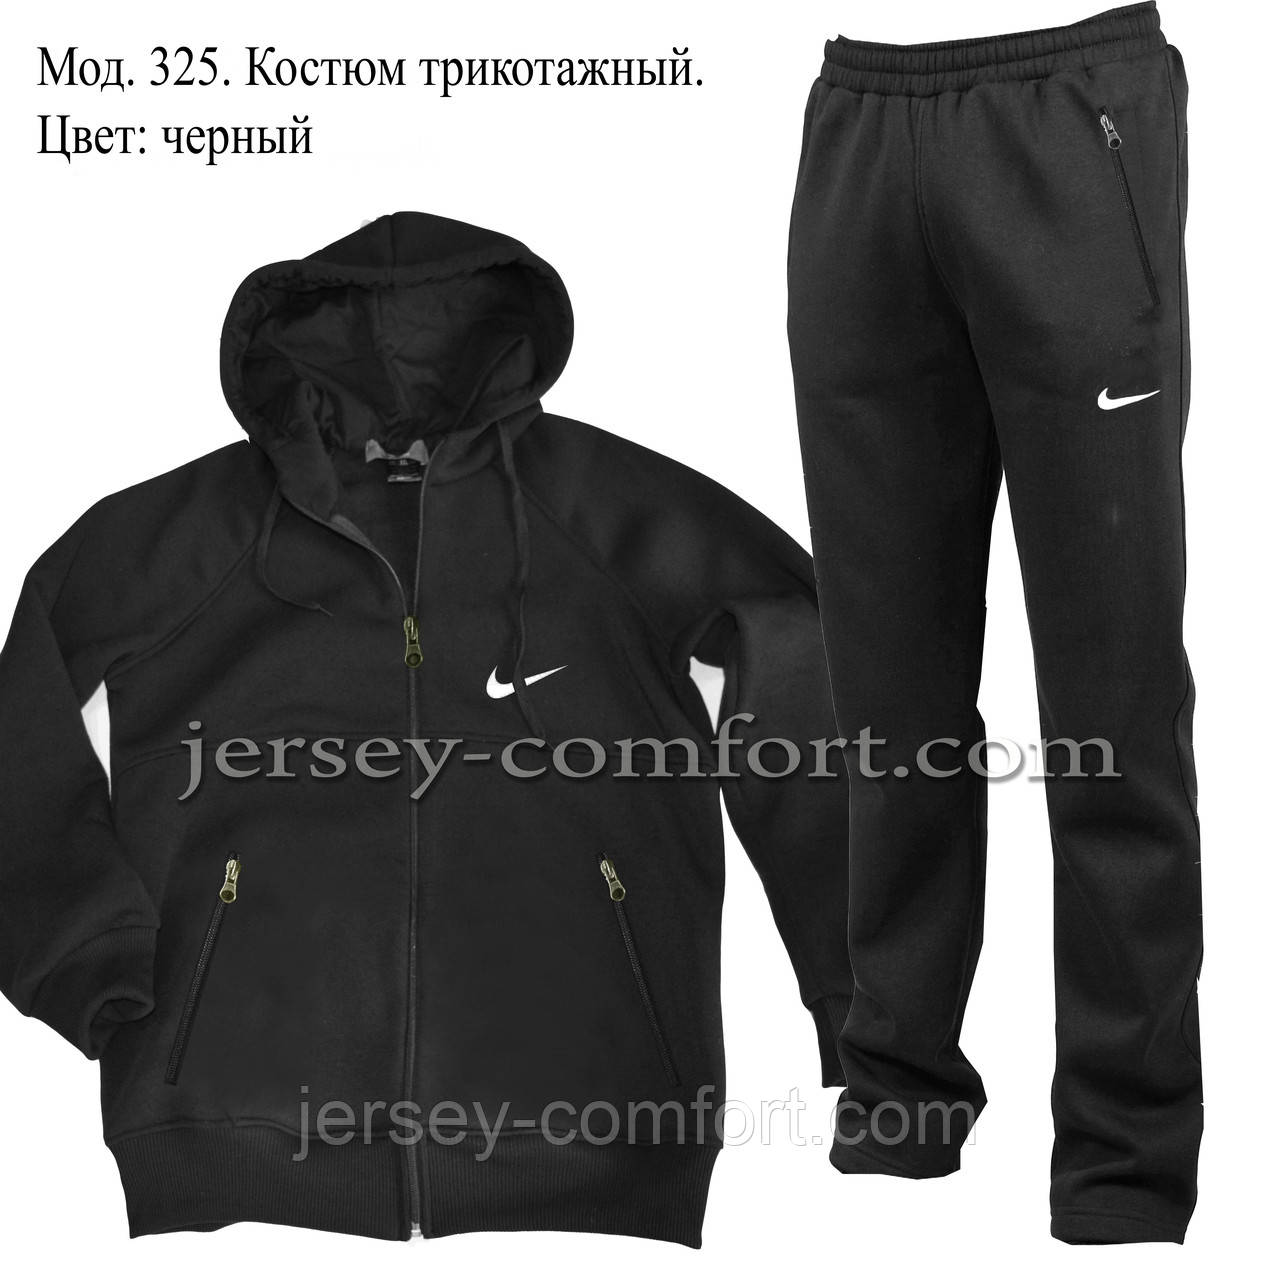 Спортивный костюм мужской, трикотажный.Черный. Мод. 325.